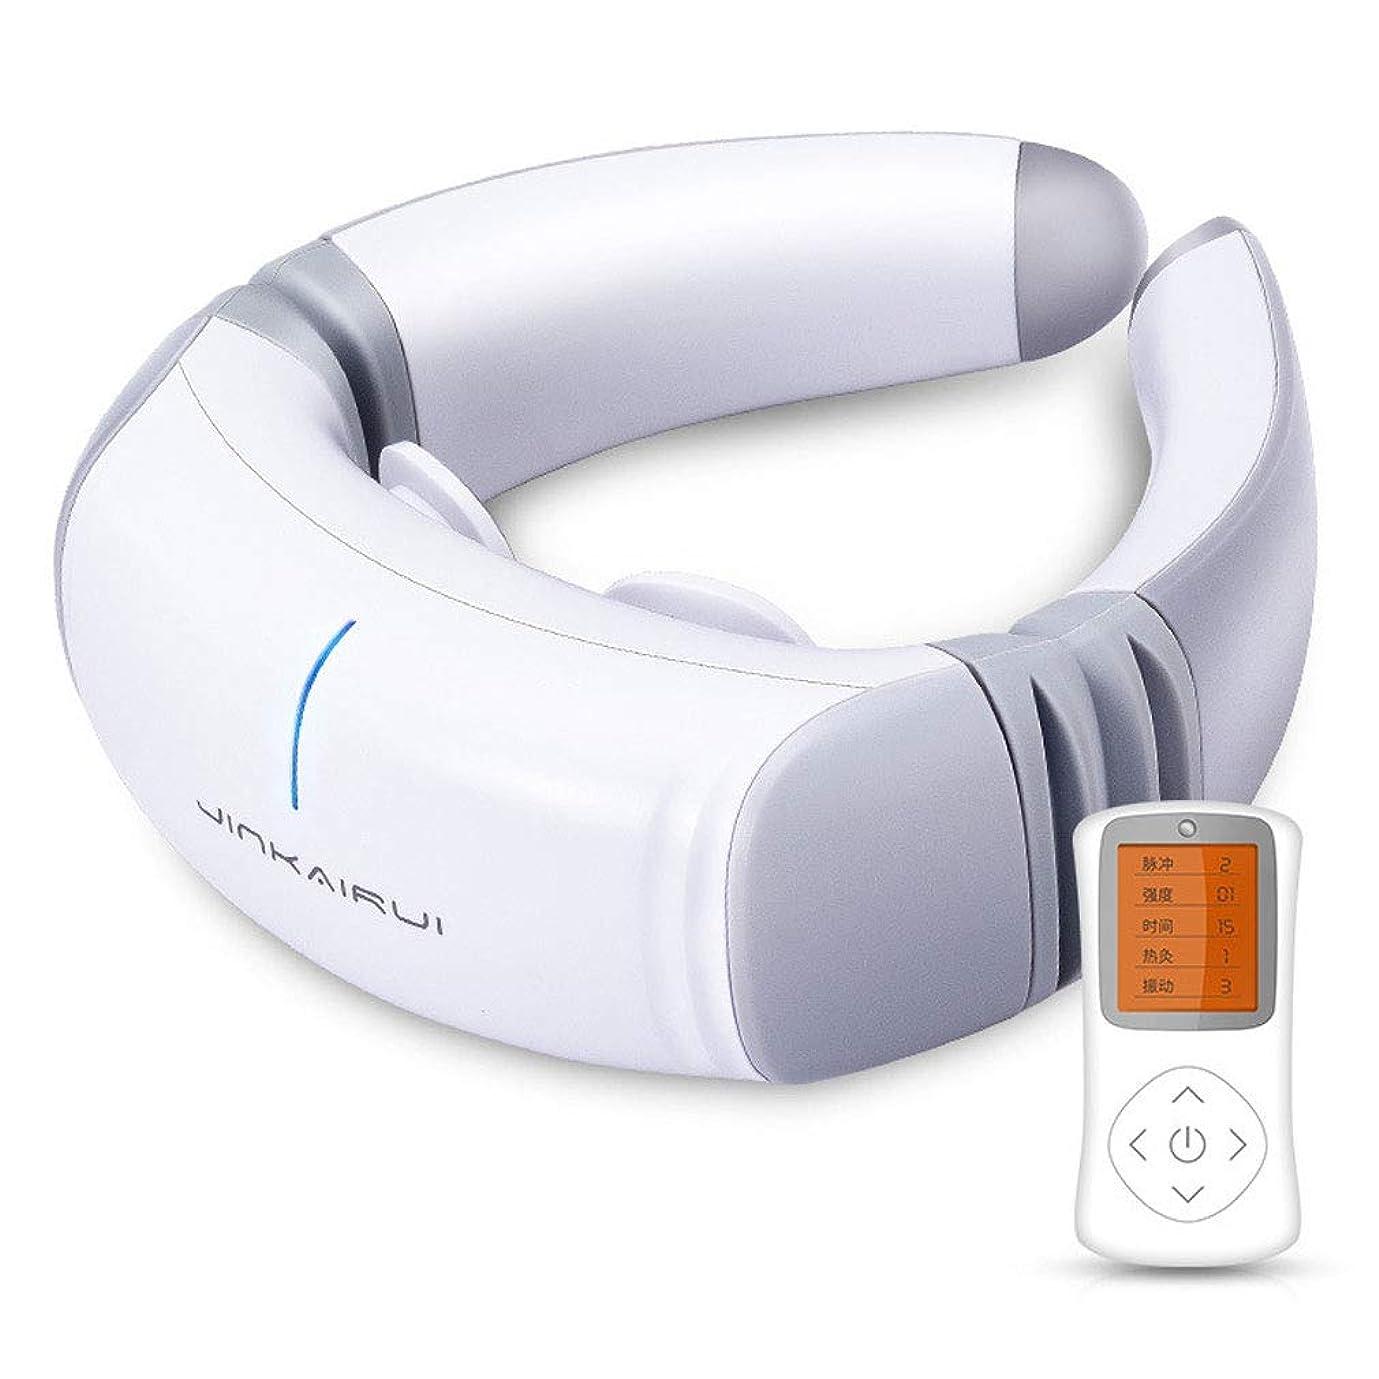 コレクション余分な突撃子宮頸子宮頸子宮頸マッサージ理学療法機器ホーム電子パルスショルダーネックピローネックマッサージャー